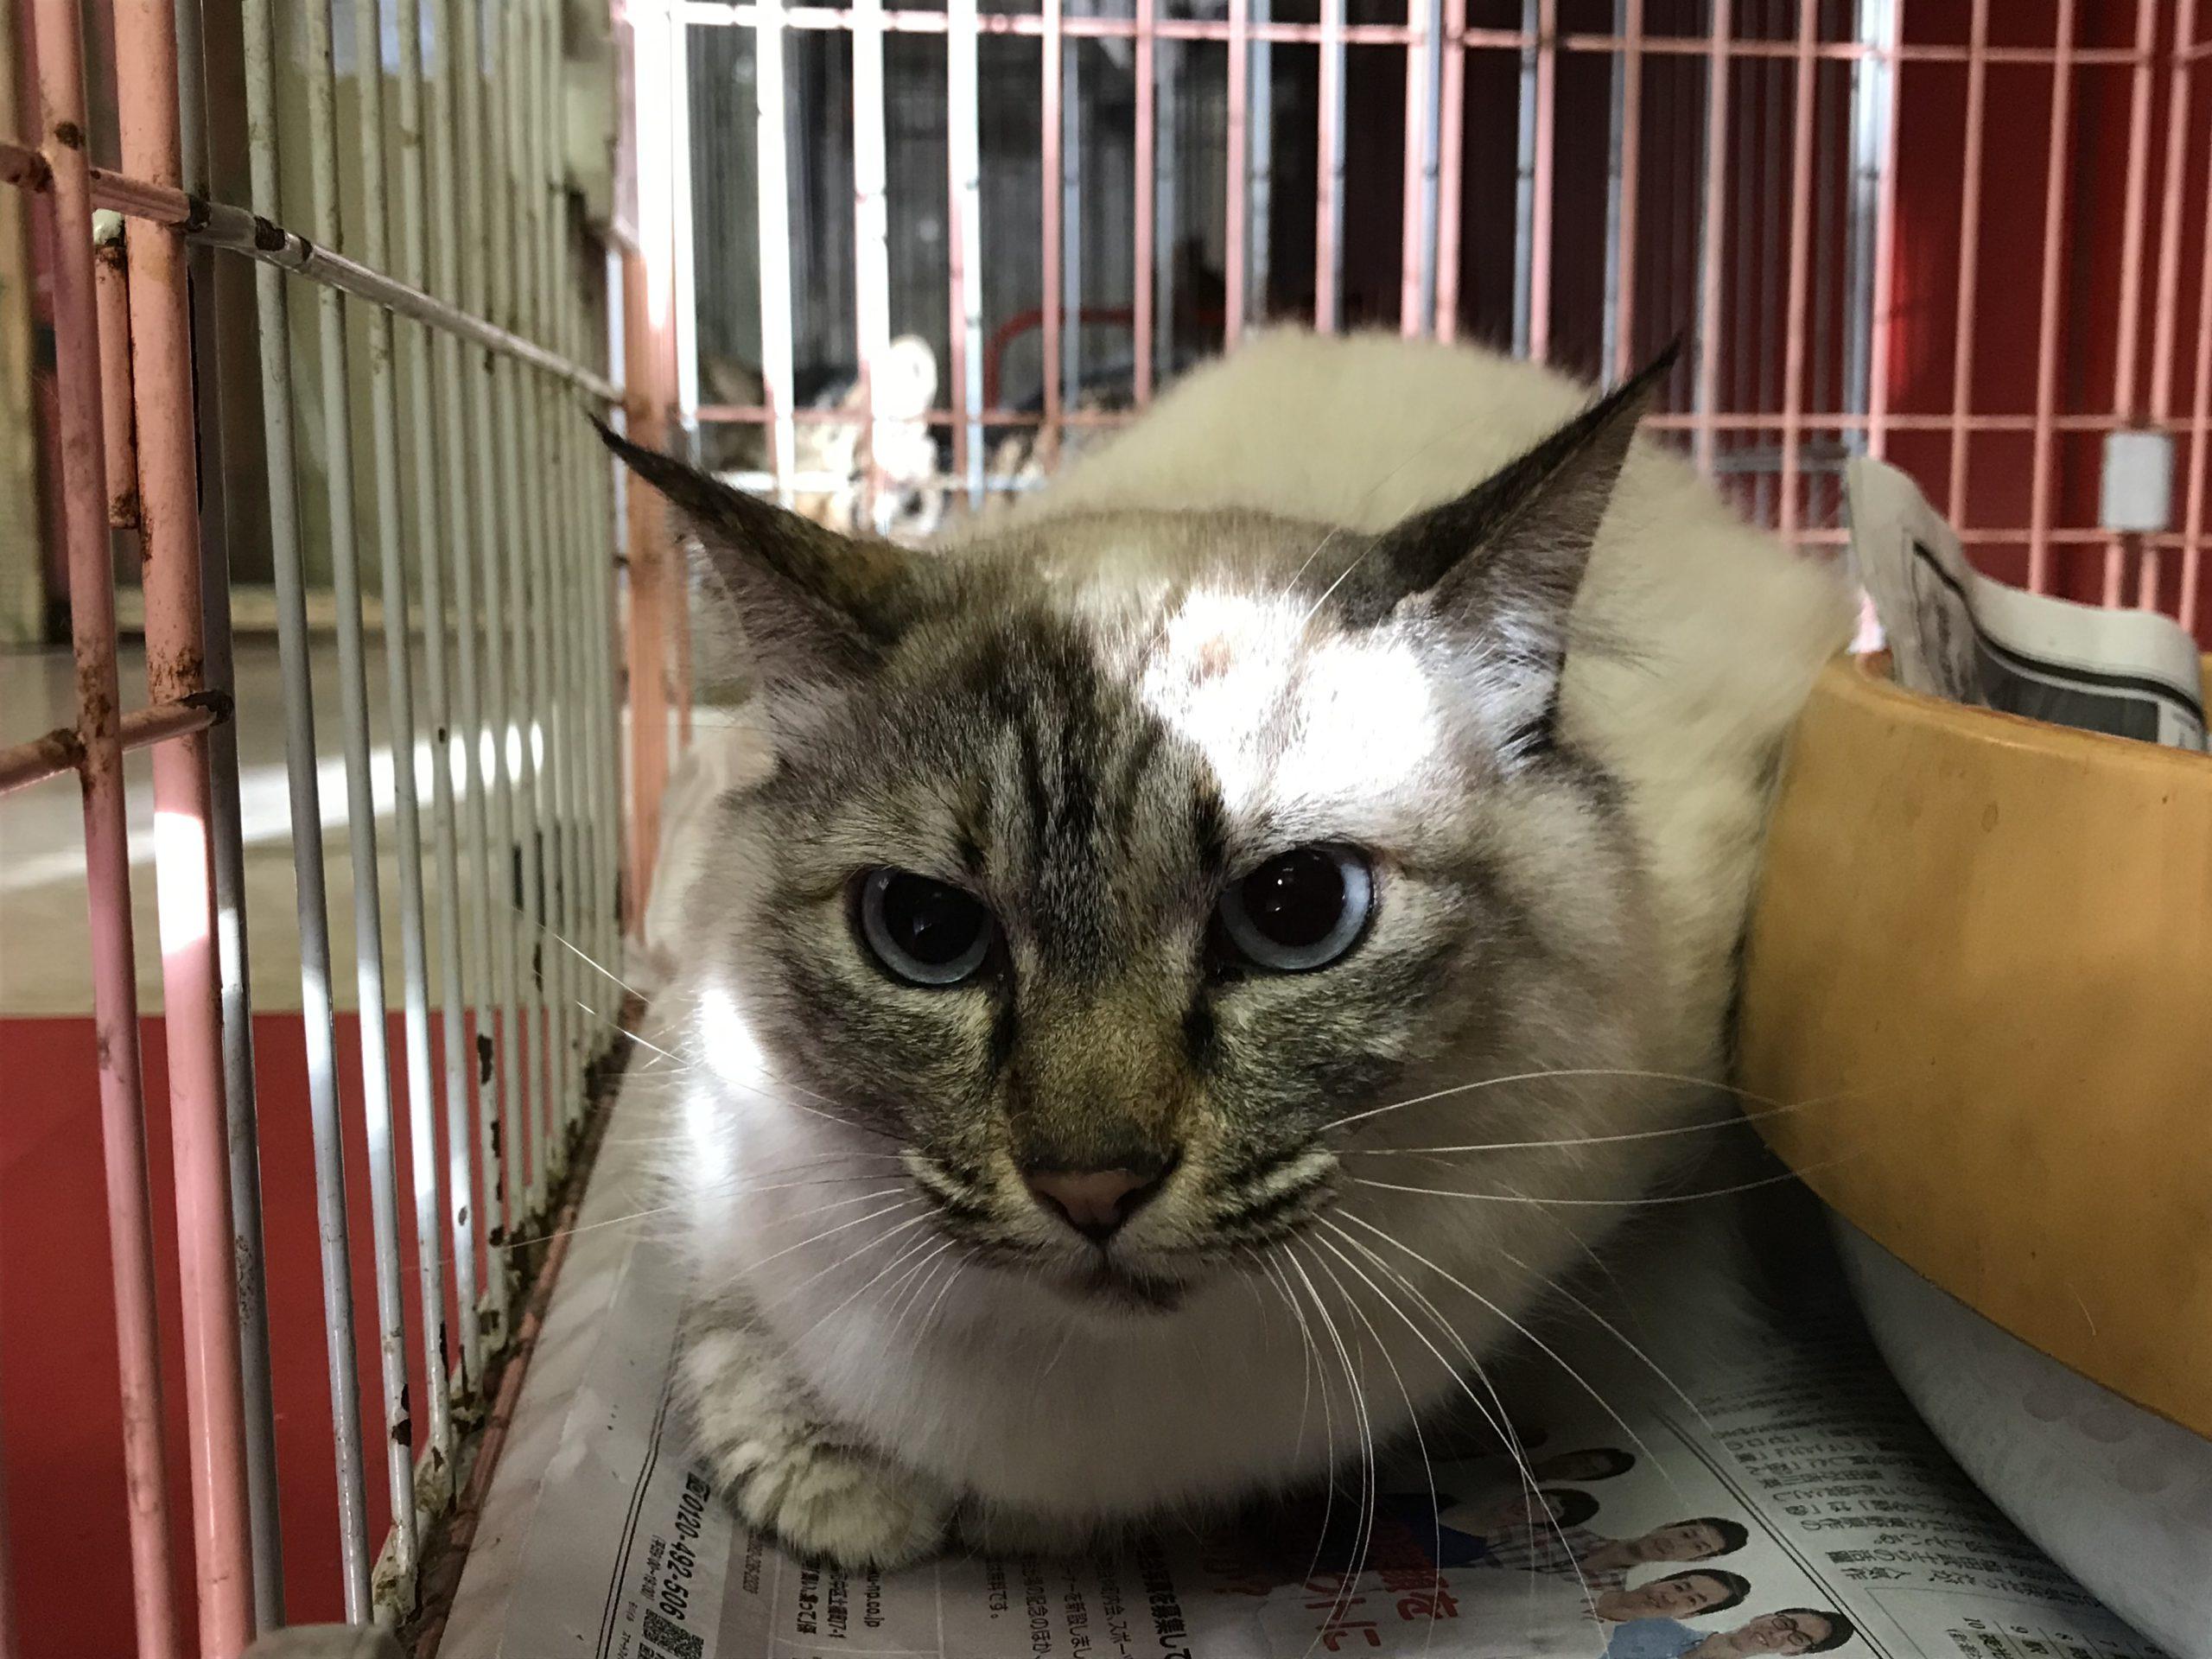 <p></p> <ul> <li>猫種:日本猫 クリーム</li> <li>性別:女の子</li> <li>名前:シー</li> <li>年齢:6歳</li> <li>保護経緯:飼い主様が亡くなられたため飼育困難になった</li> </ul>